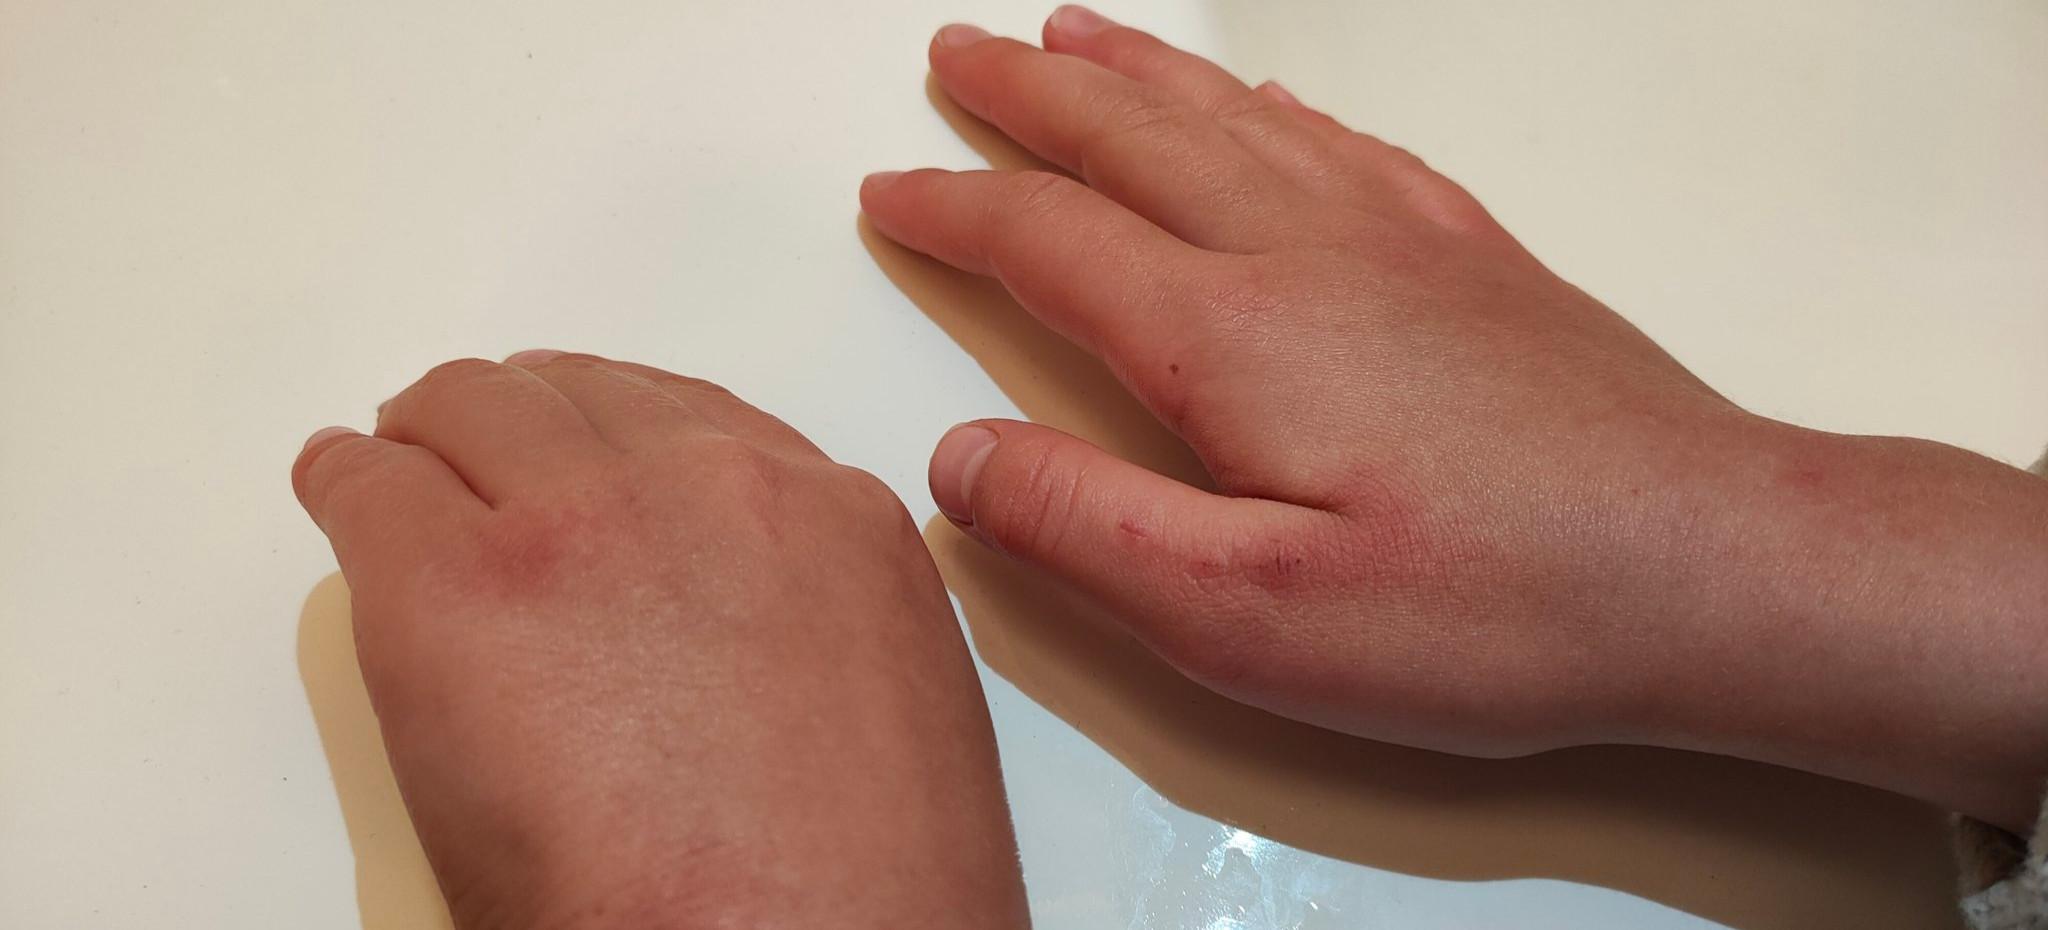 POSŁANKA PiS OSTRZEGA: Tak wyglądają ręce dziecka po tygodniu dezynfekcji w szkole (FOTO)